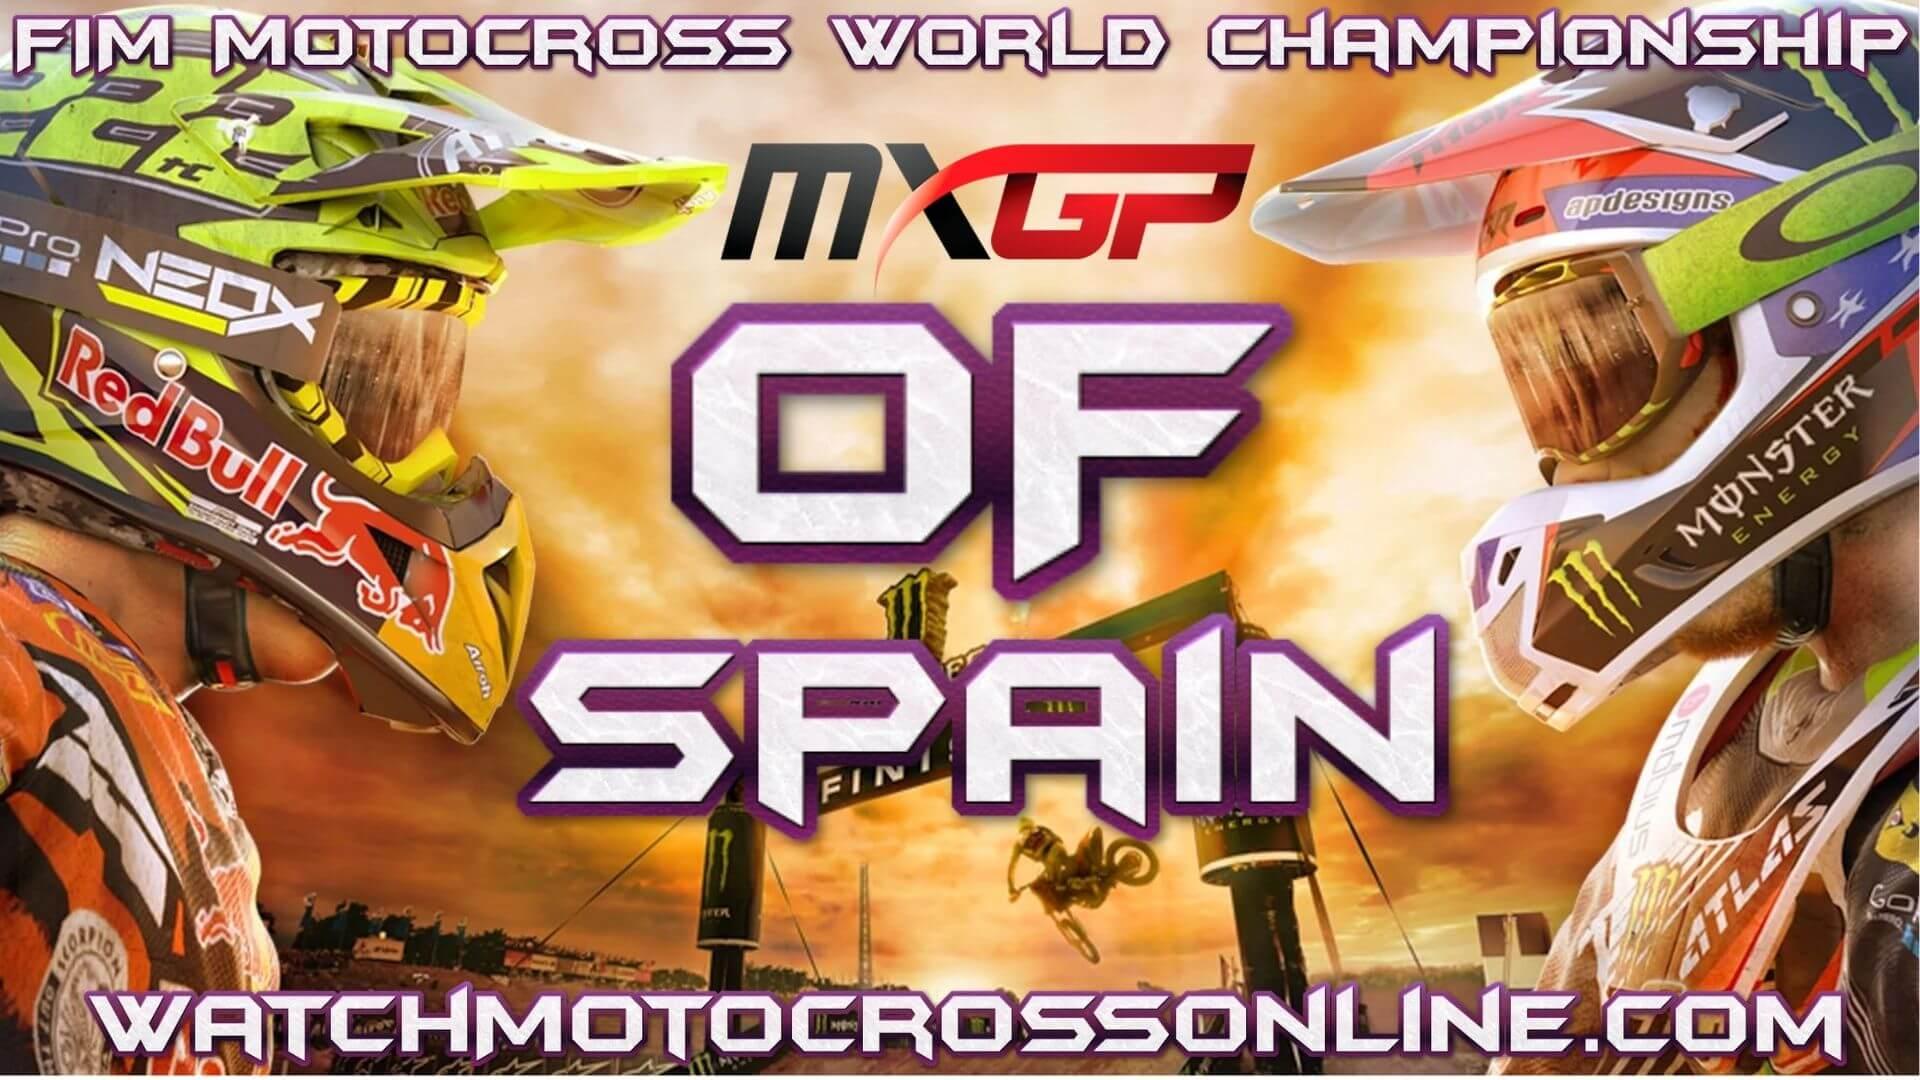 MXGP of Spain Live Stream 2020